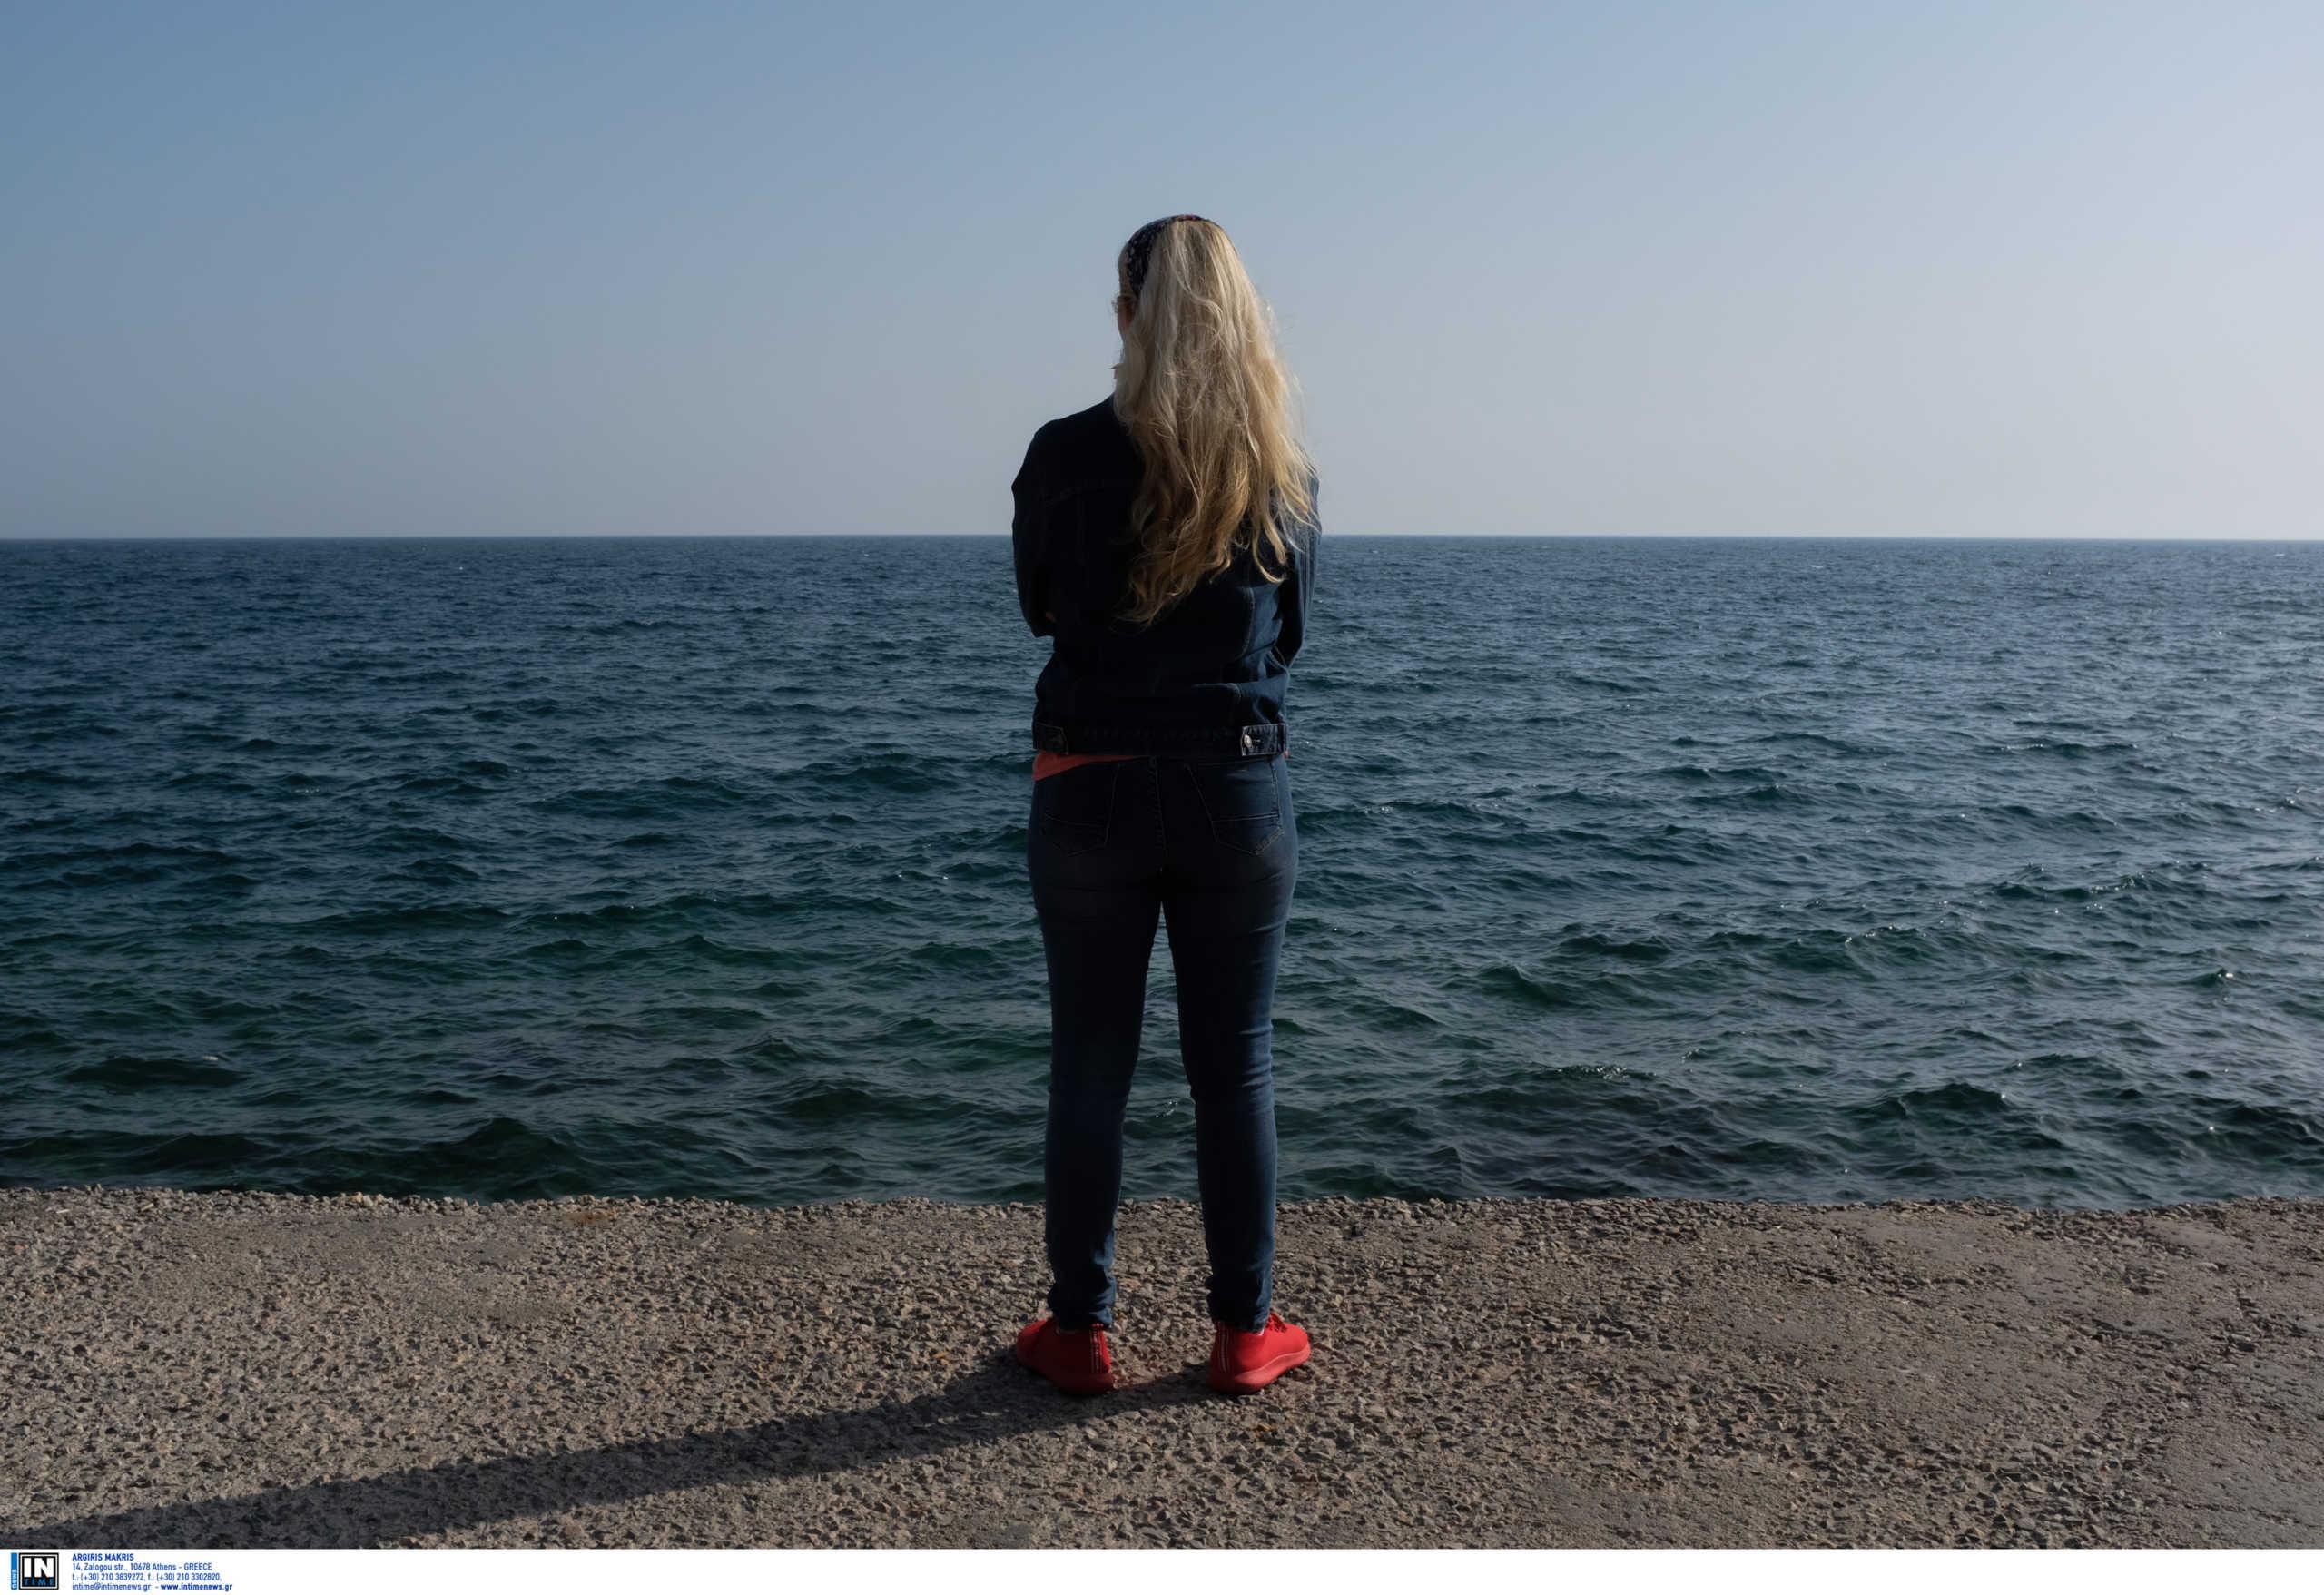 Θεσσαλονίκη: Τρόμος σε ασανσέρ για νεαρή κοπέλα – Τα δευτερόλεπτα που στοιχειώνουν τις σκέψεις της